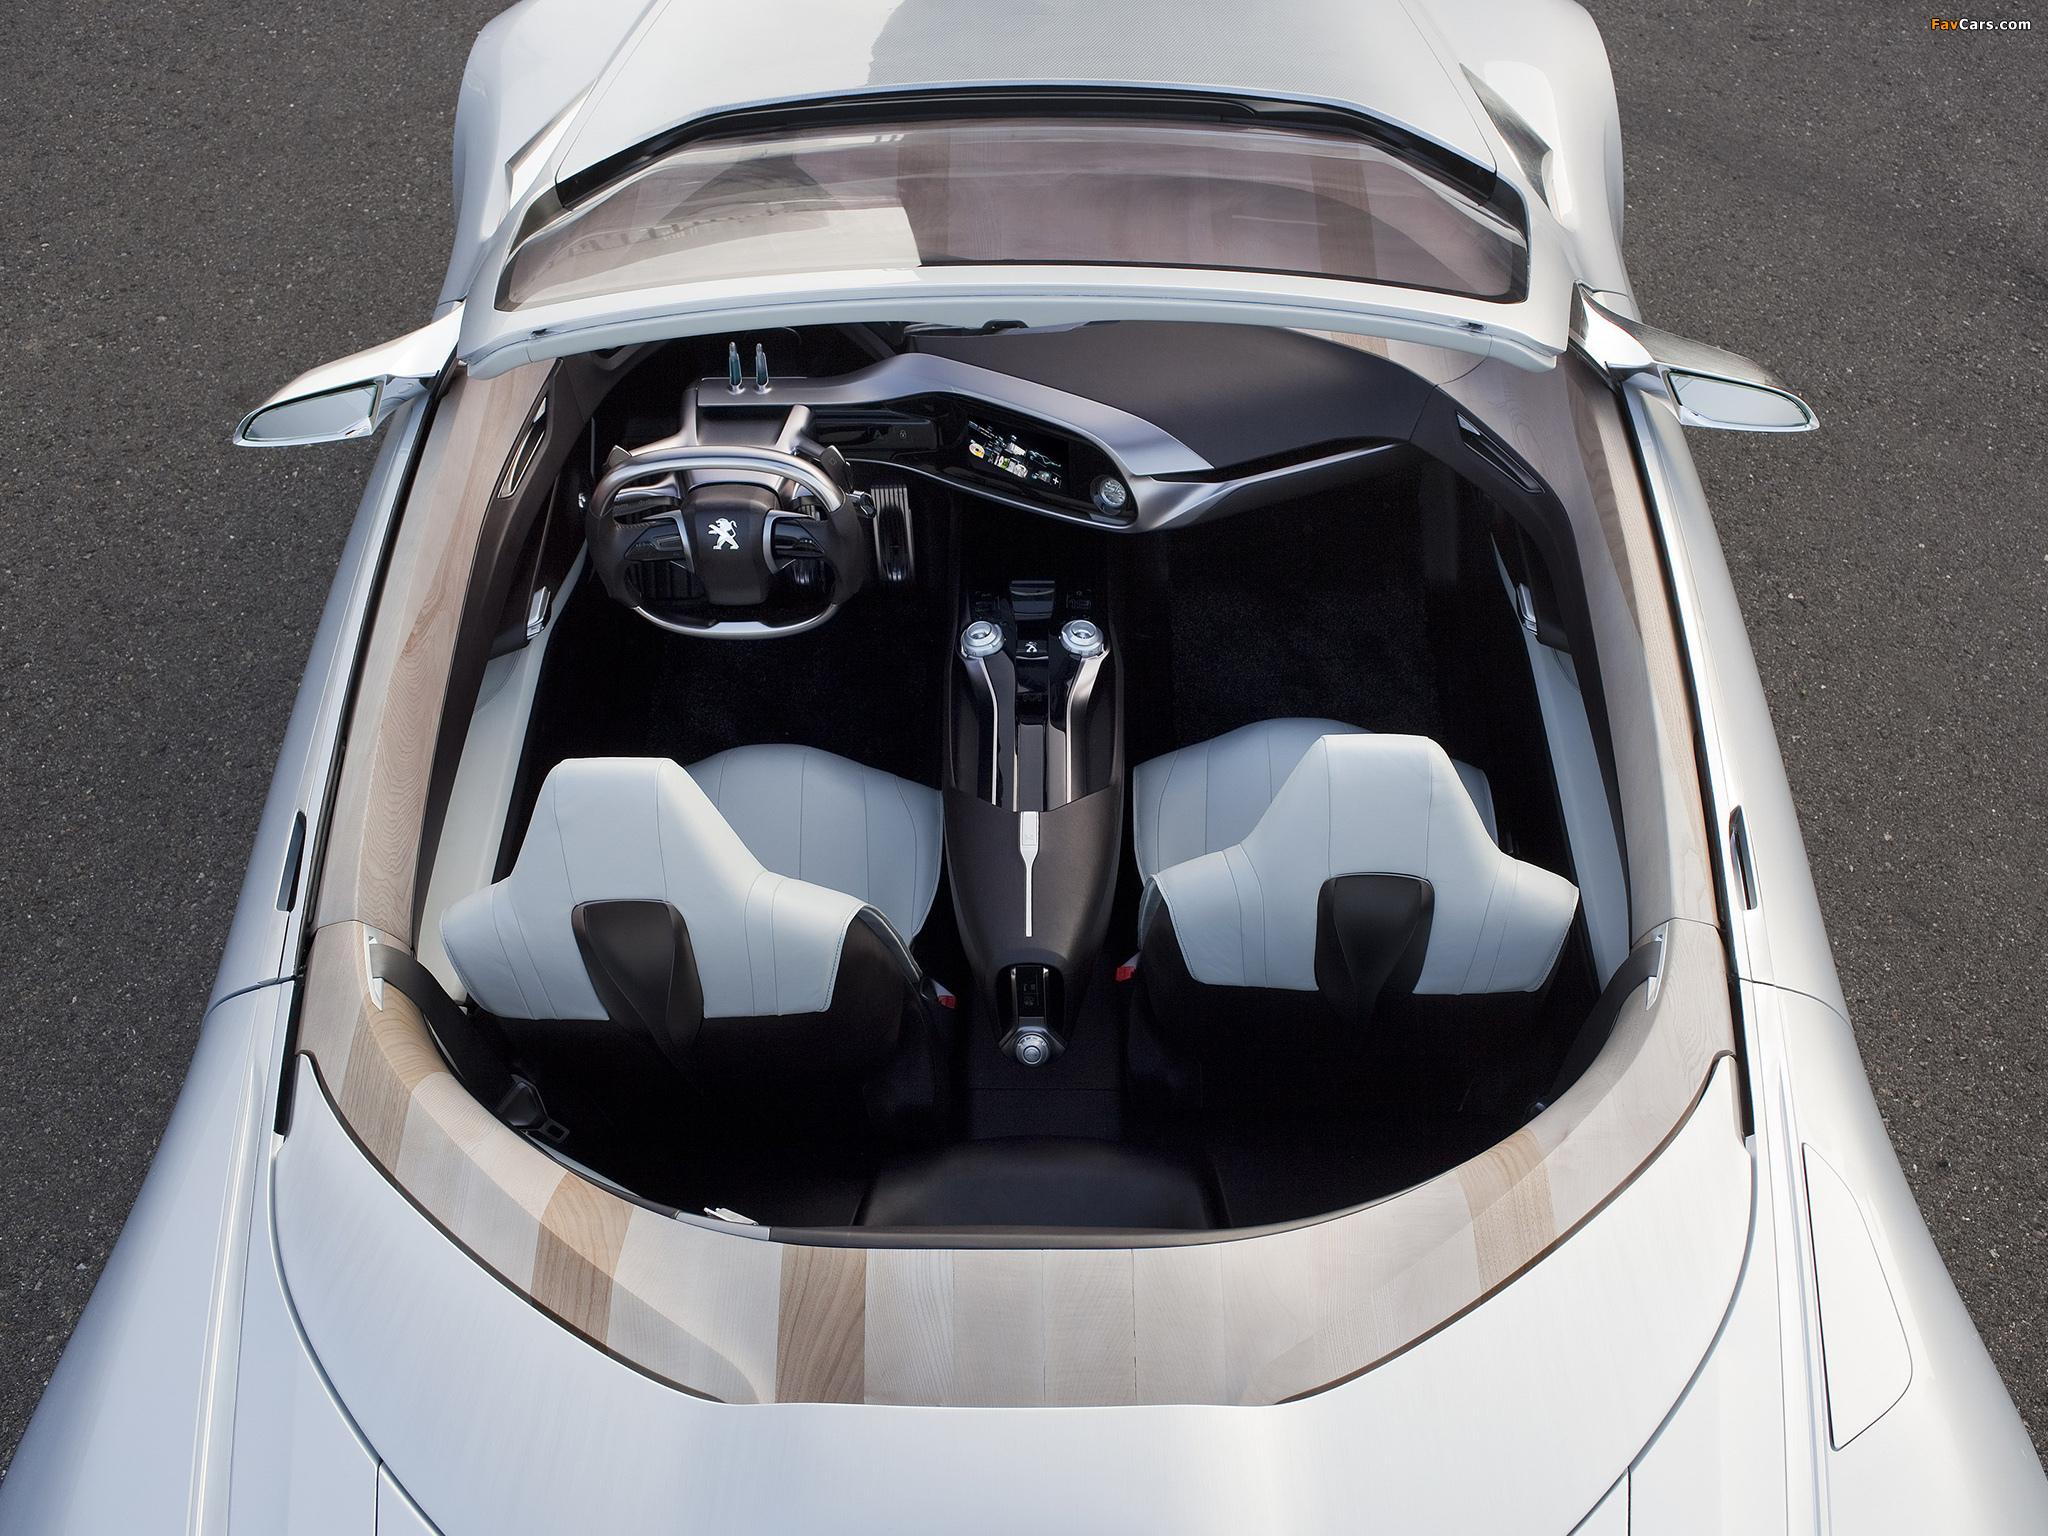 Peugeot SR1 Concept 2010 images (2048 x 1536)